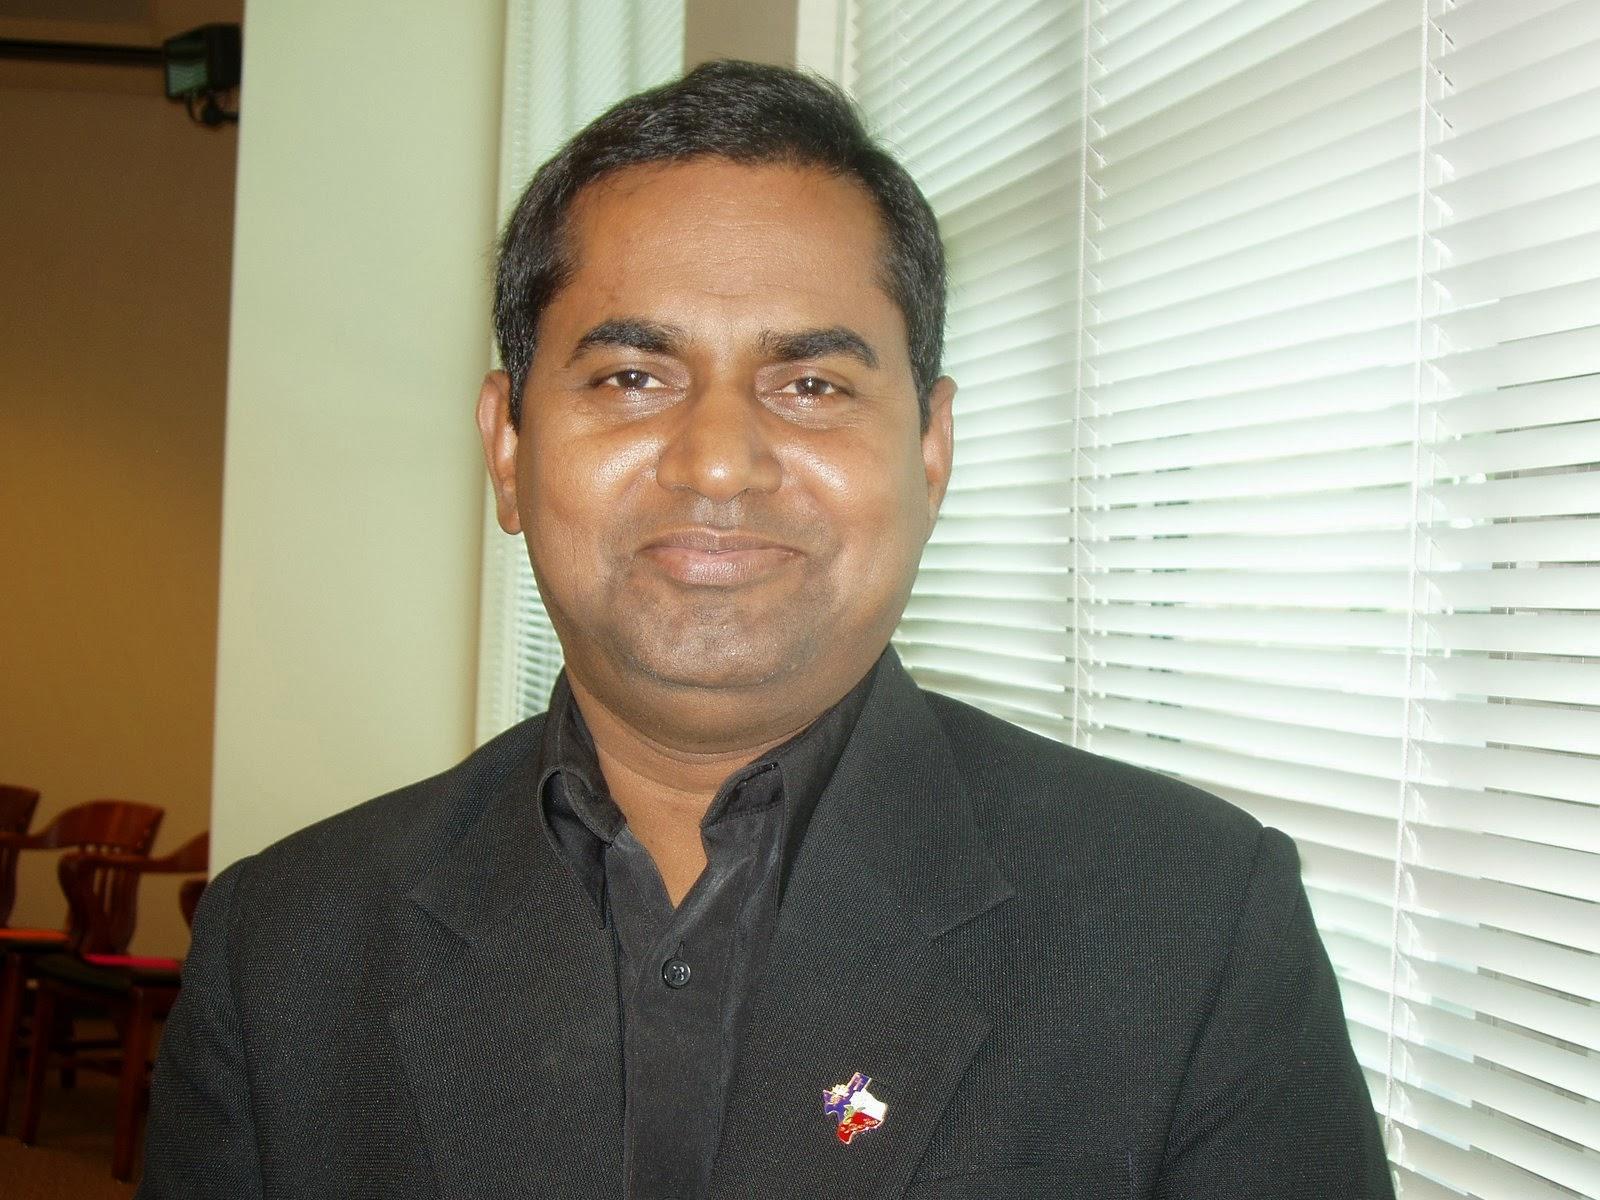 Paul Rajareegam